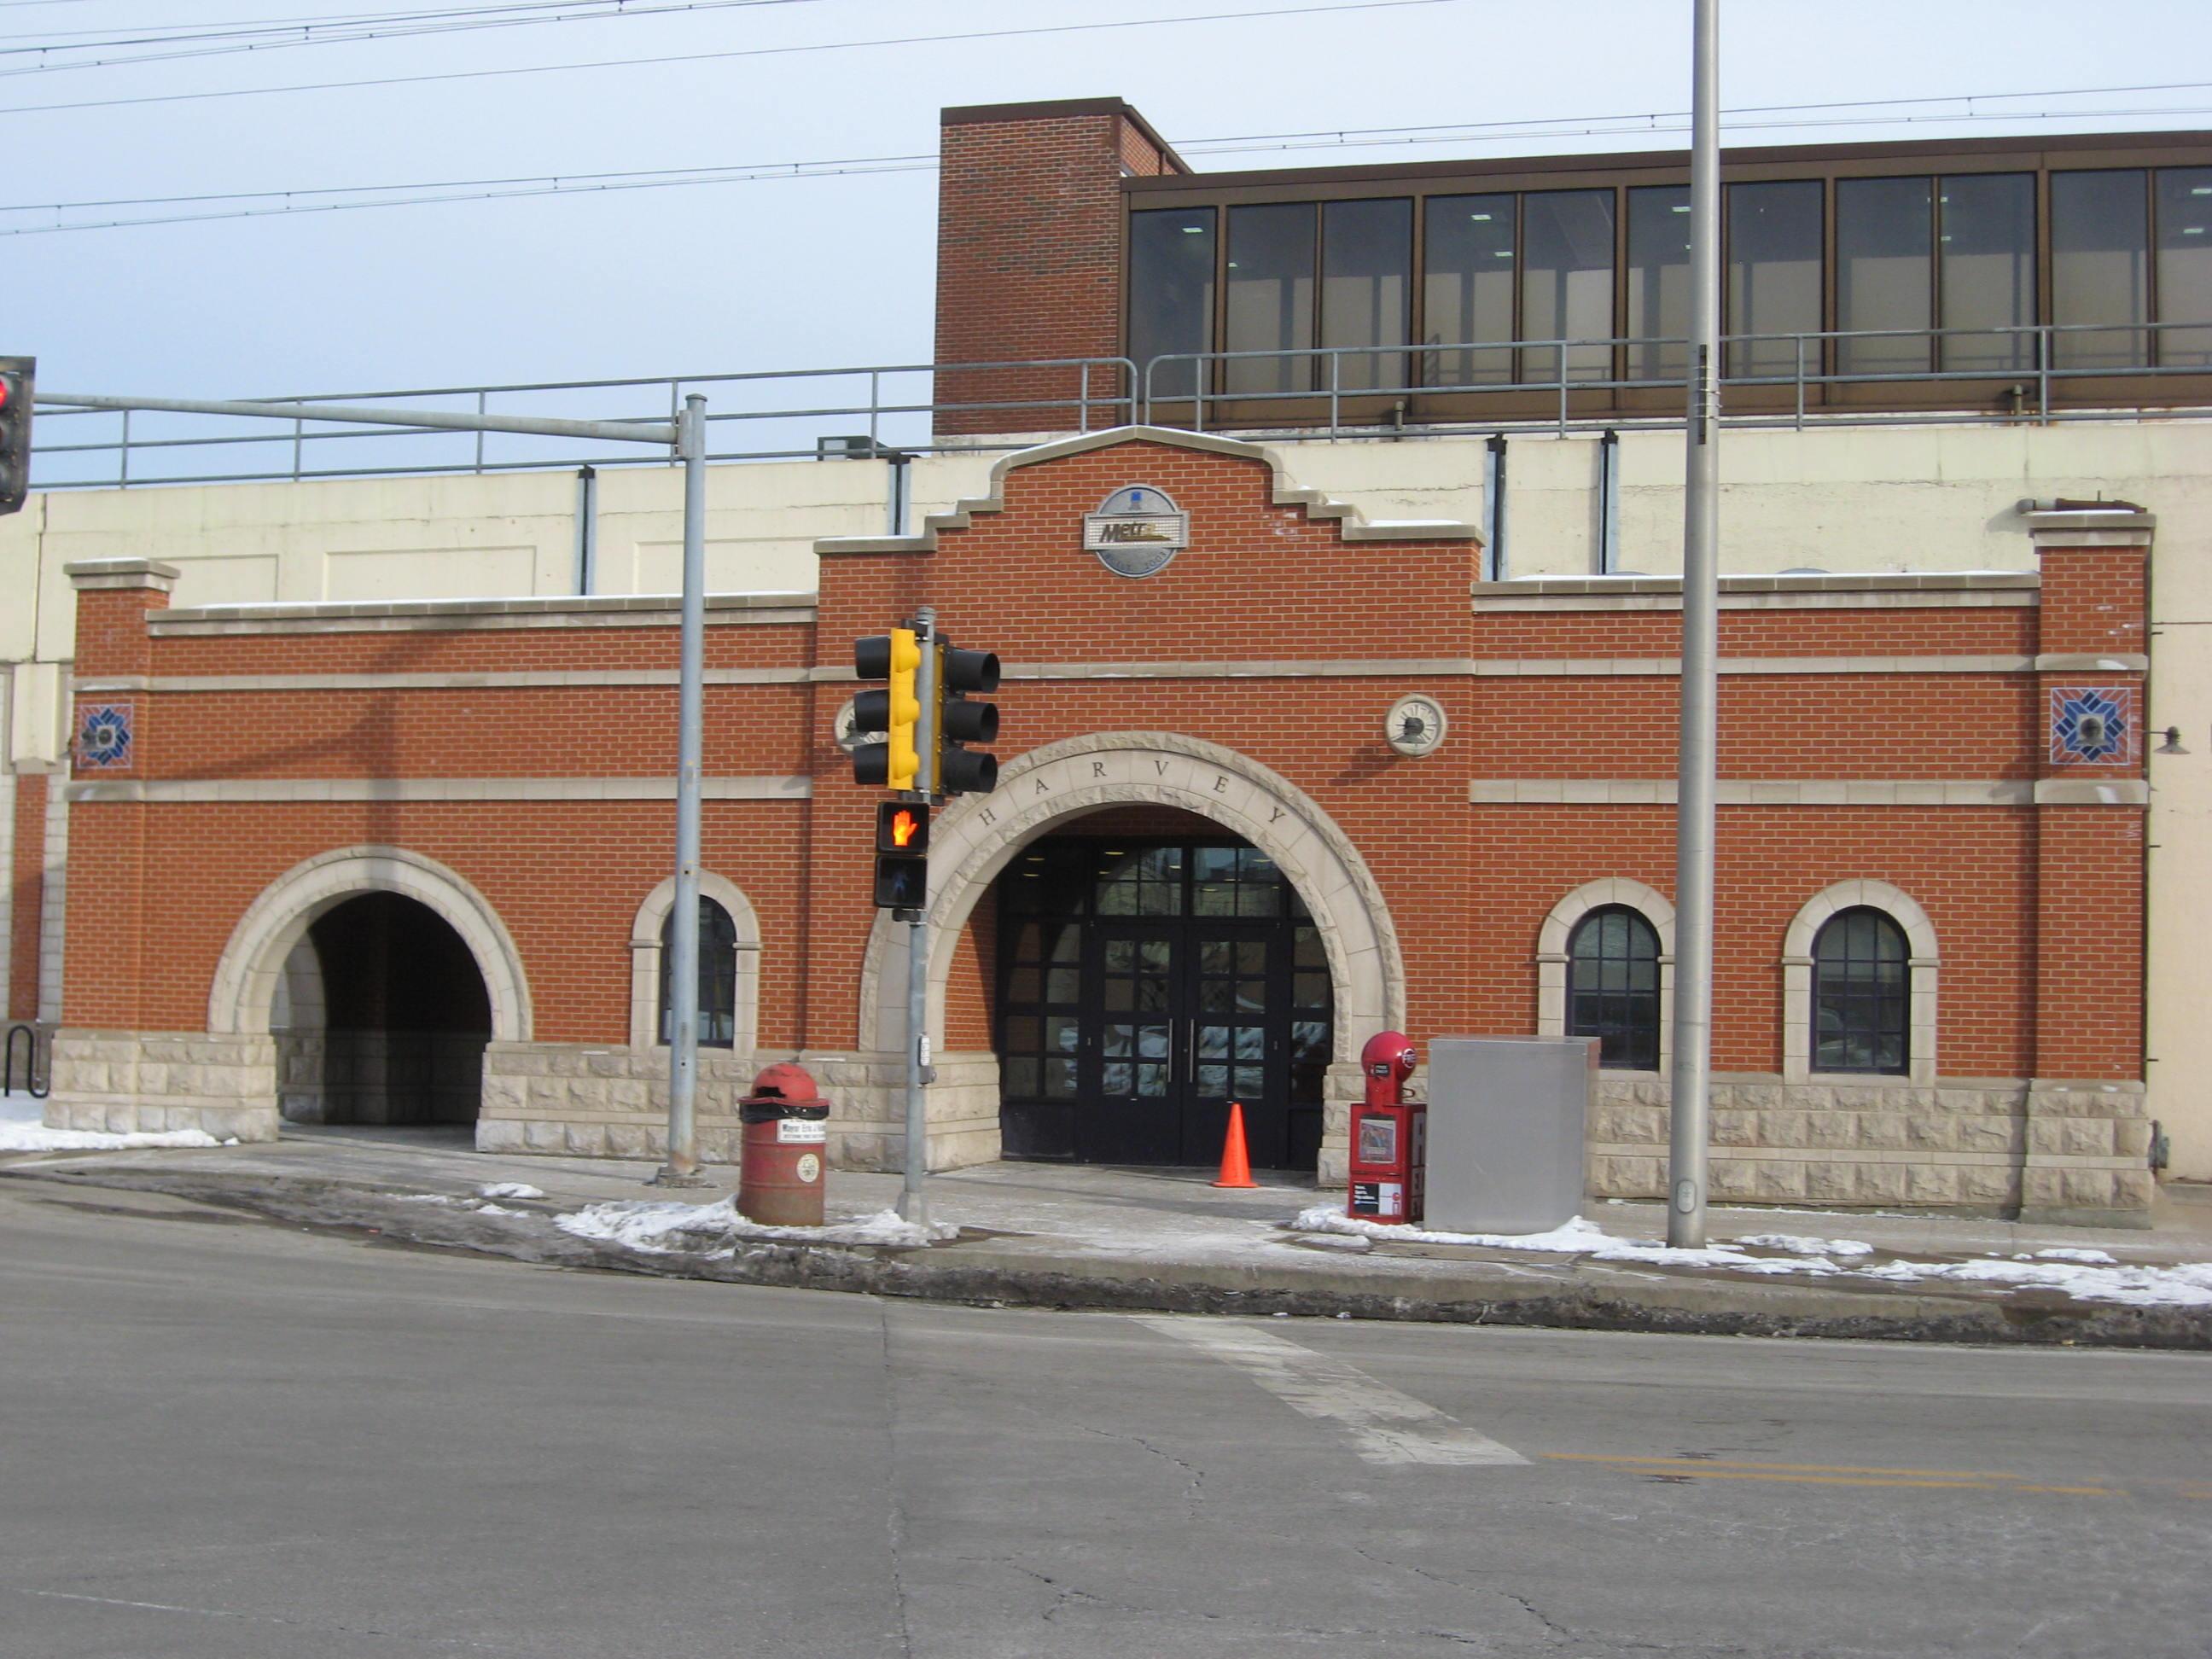 Harvey Station Illinois Wikipedia